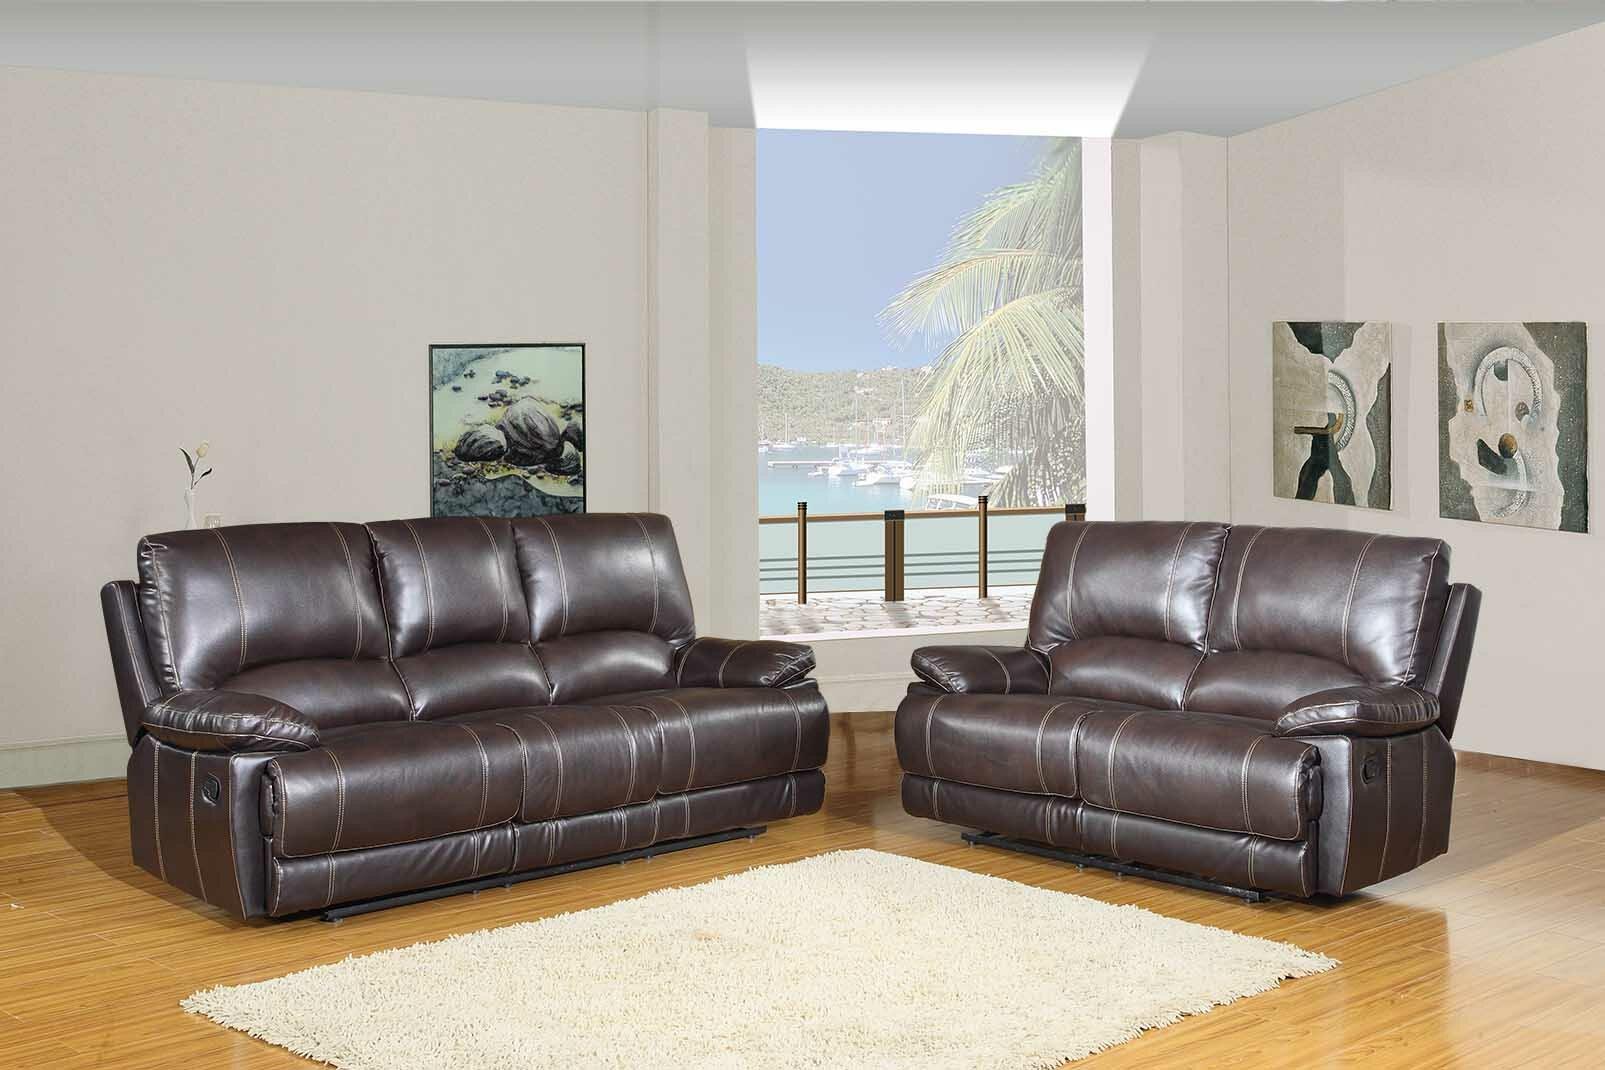 Red barrel studio trower reclining 2 piece living room set wayfair